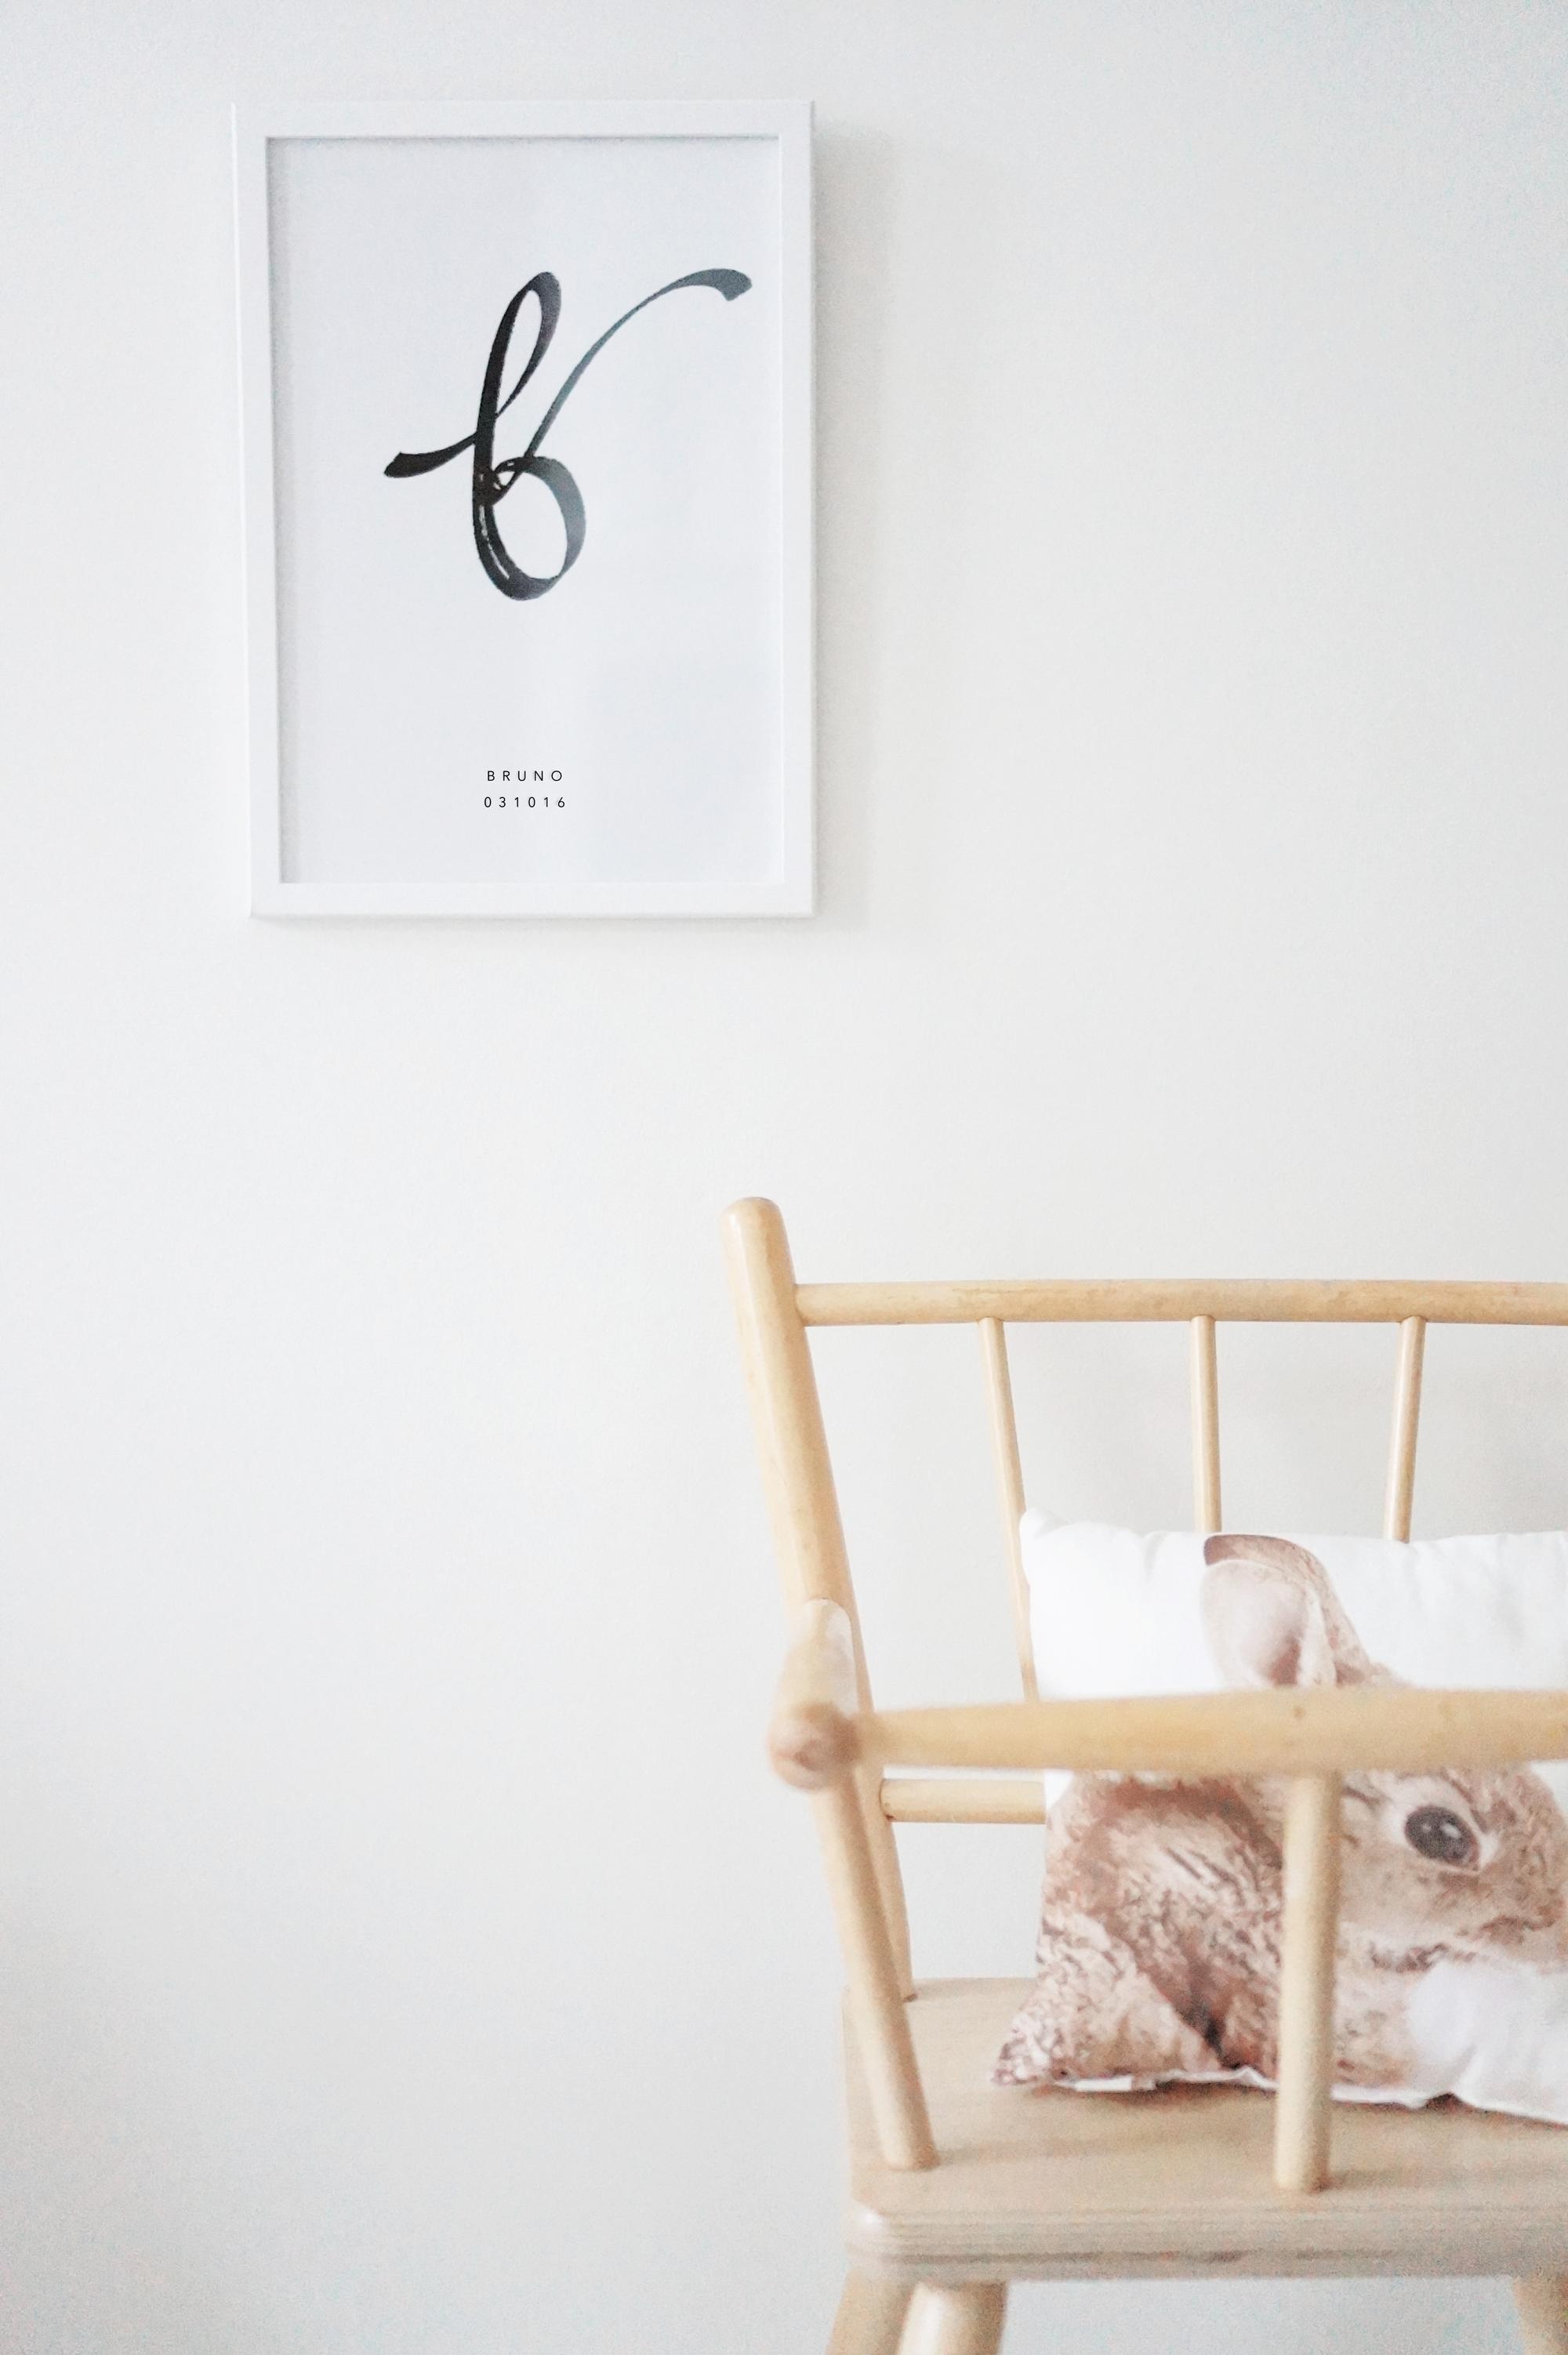 NIMIKIRJAINJULISTE - Personoitava nimikirjainjuliste omilla tiedoilla. Annika Välimäen käsintehty kalligrafia.Ihana lahja puolisolle, vauvalle, lapselle, hääparille, kihlaparille, mummulle tai ystävälle.Julisteen koko A4. Toimitetaan ilman kehyksiä.Tilaukset suoraan suunnittelijalta sähköpostitse annika@annikavalimaki.comJulisteen toimitus n. 2-3 viikkoa maksusta.Mittatilauksesta tehtävissä töissä ei ole palautusoikeutta.